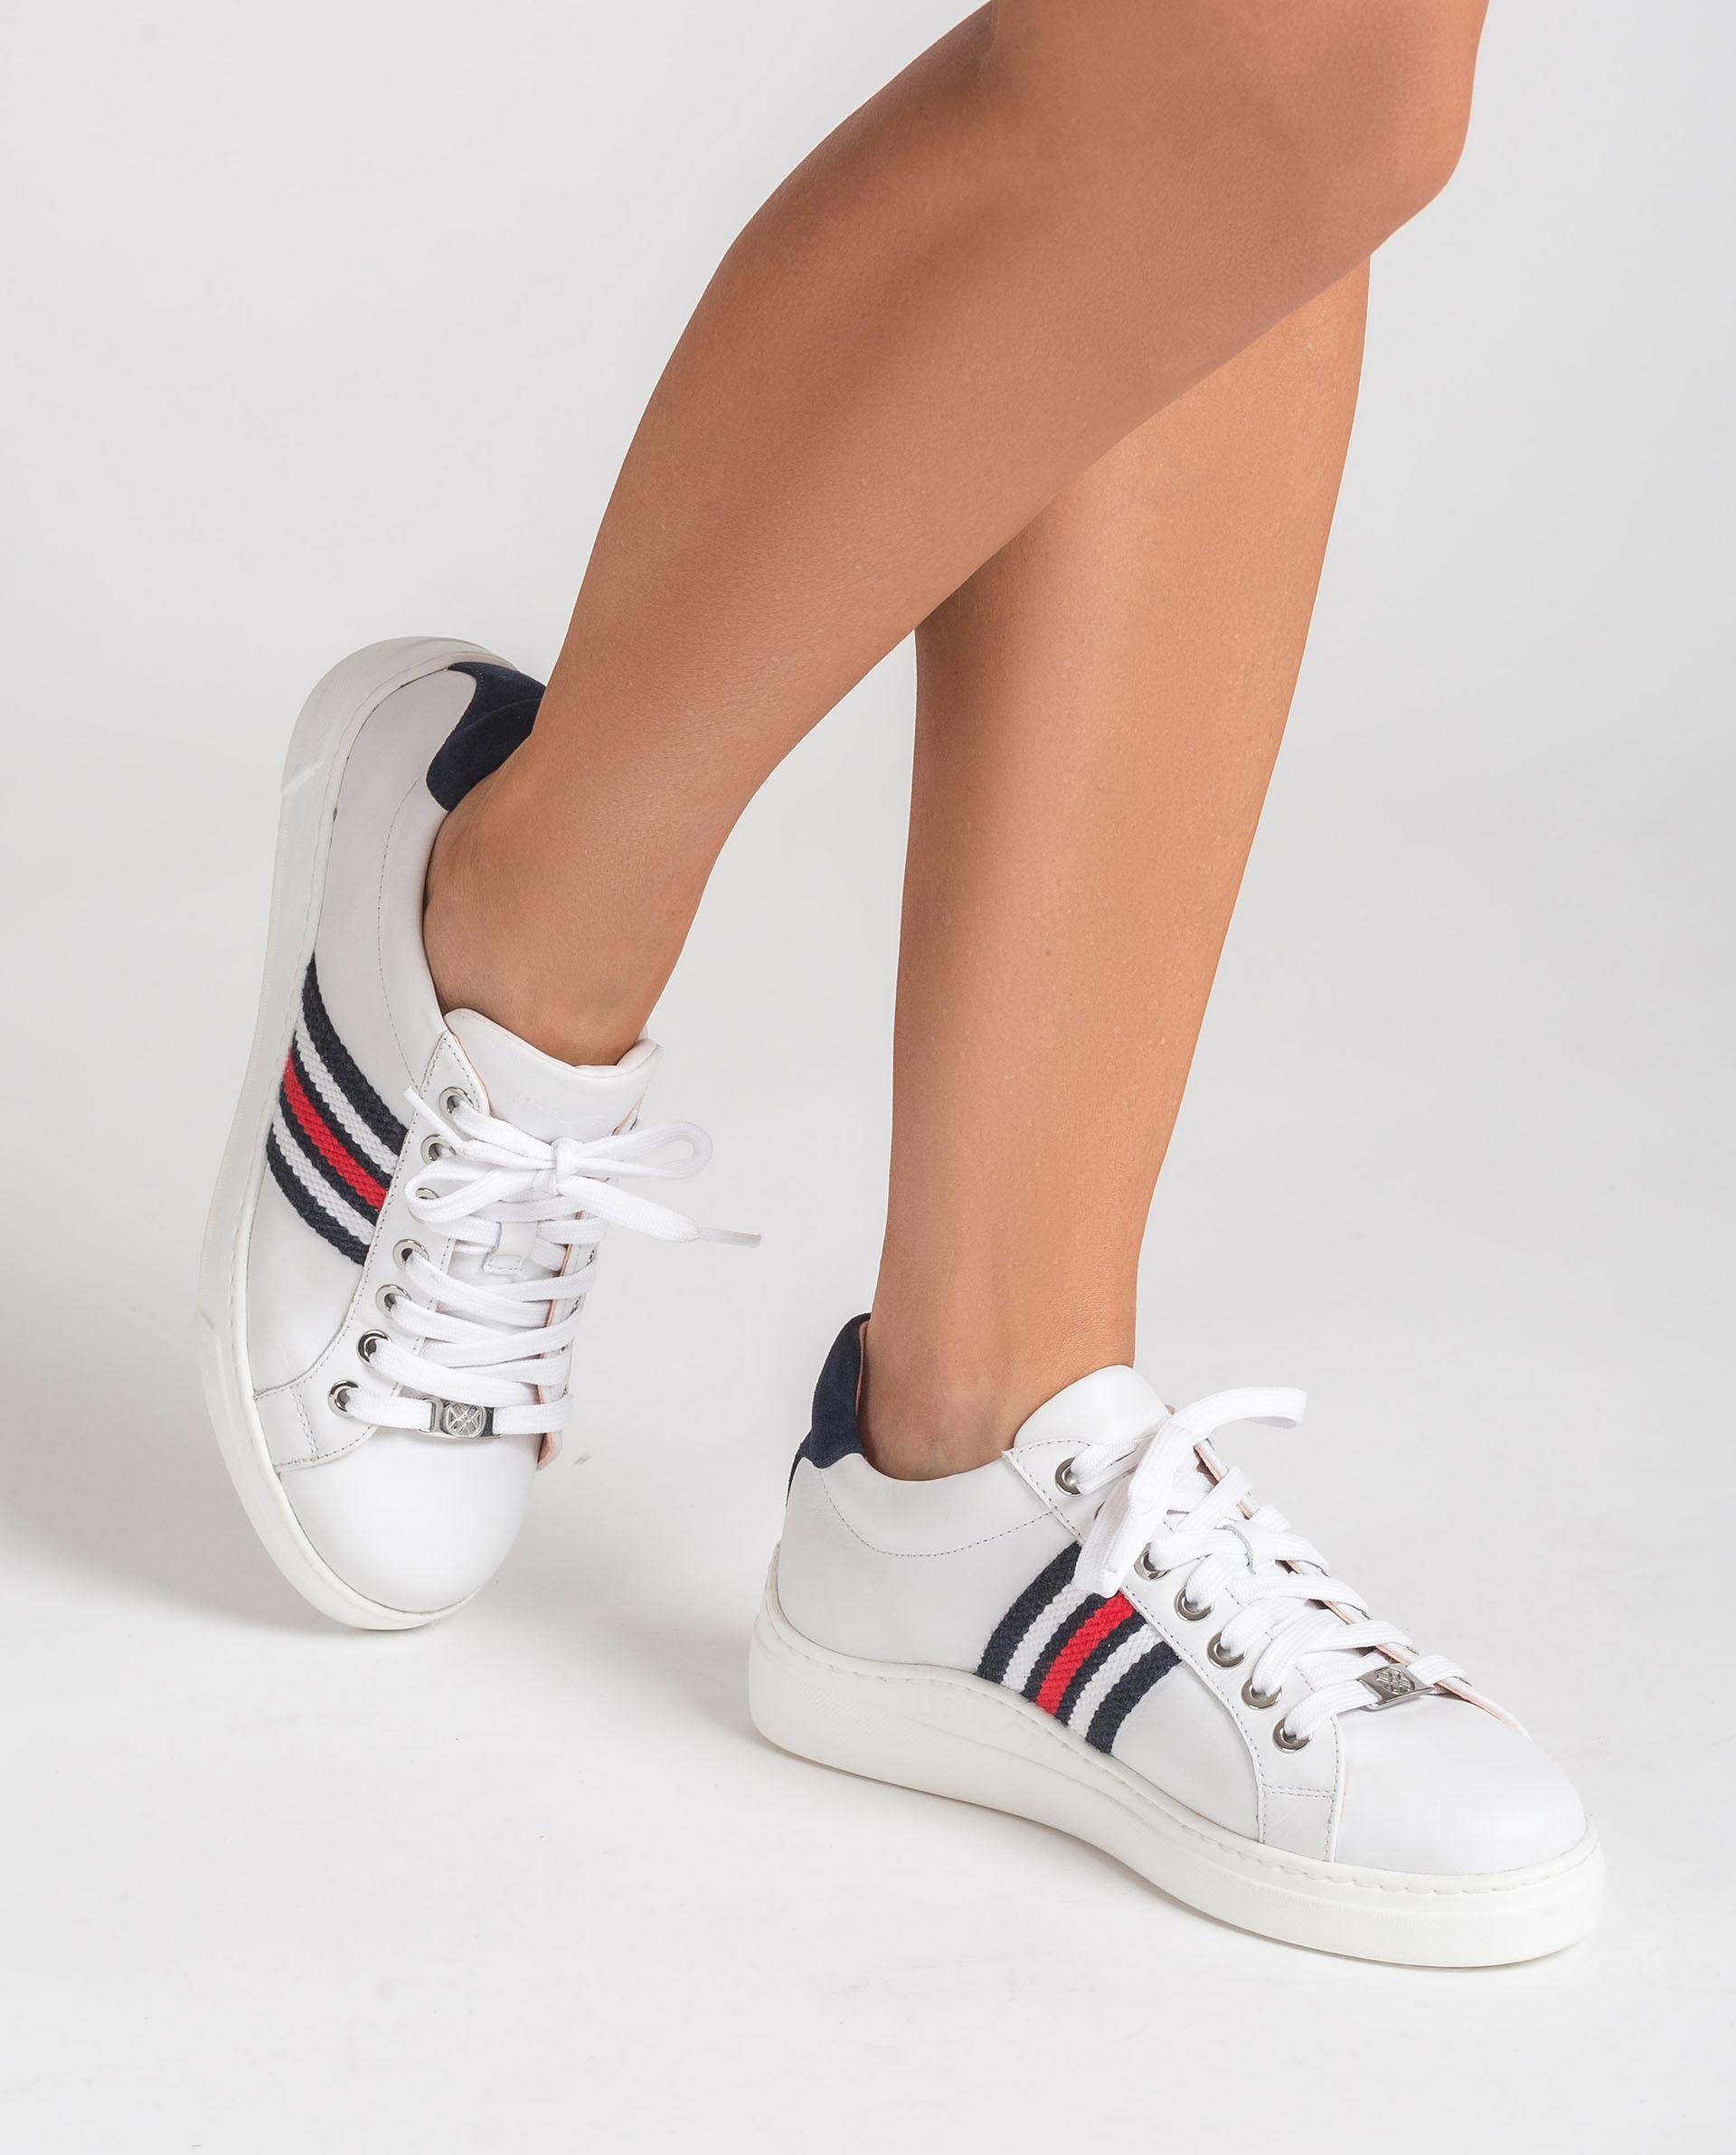 UNISA Leder-Sneaker mit buntem Seitenstreifen FAROLA_21_NF 5